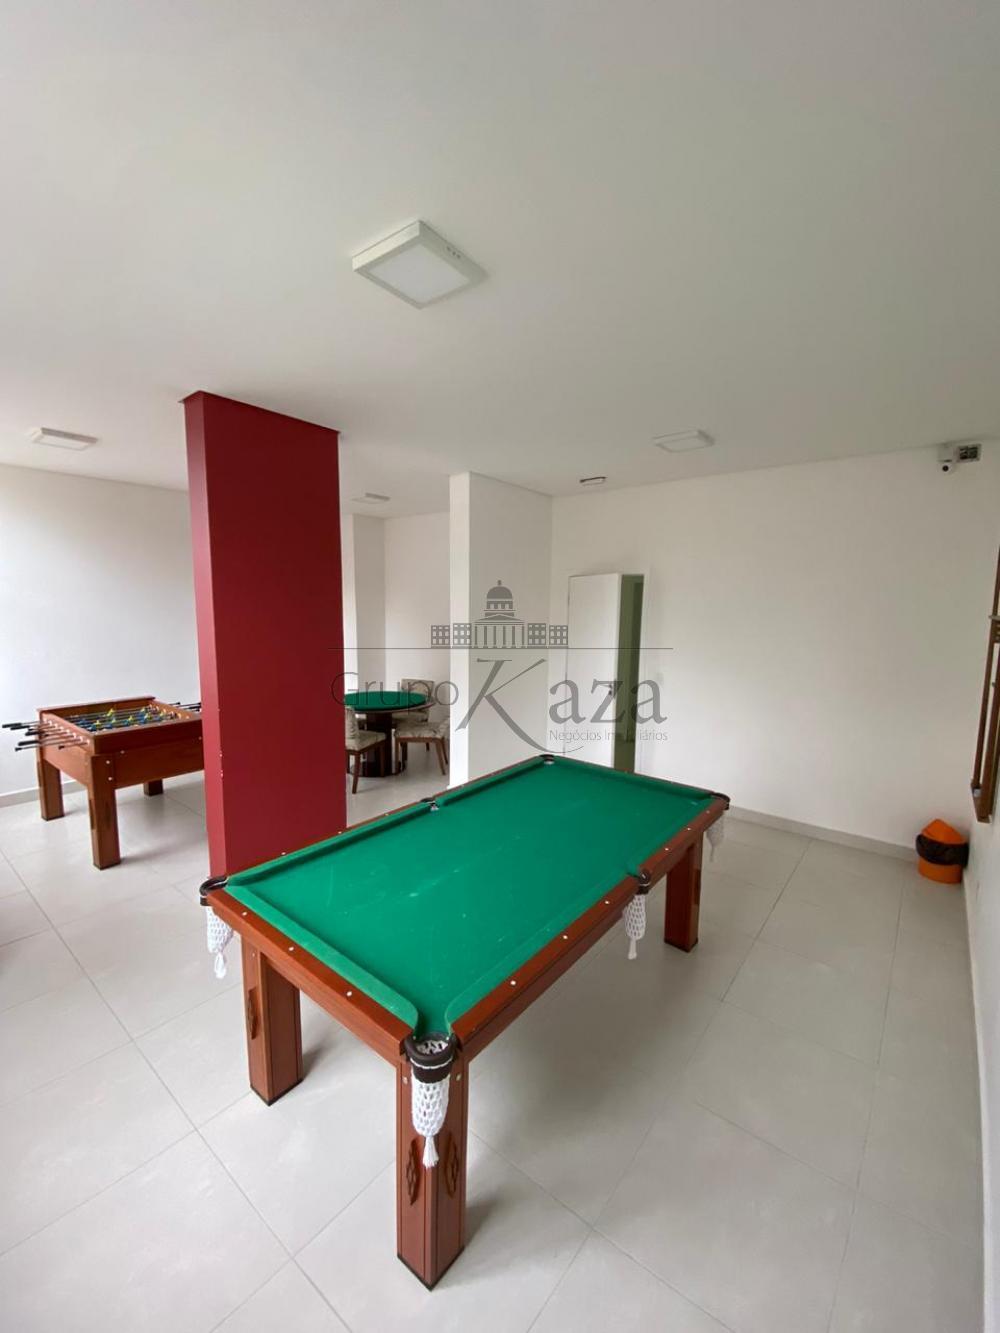 Comprar Apartamento / Padrão em São José dos Campos apenas R$ 270.000,00 - Foto 23